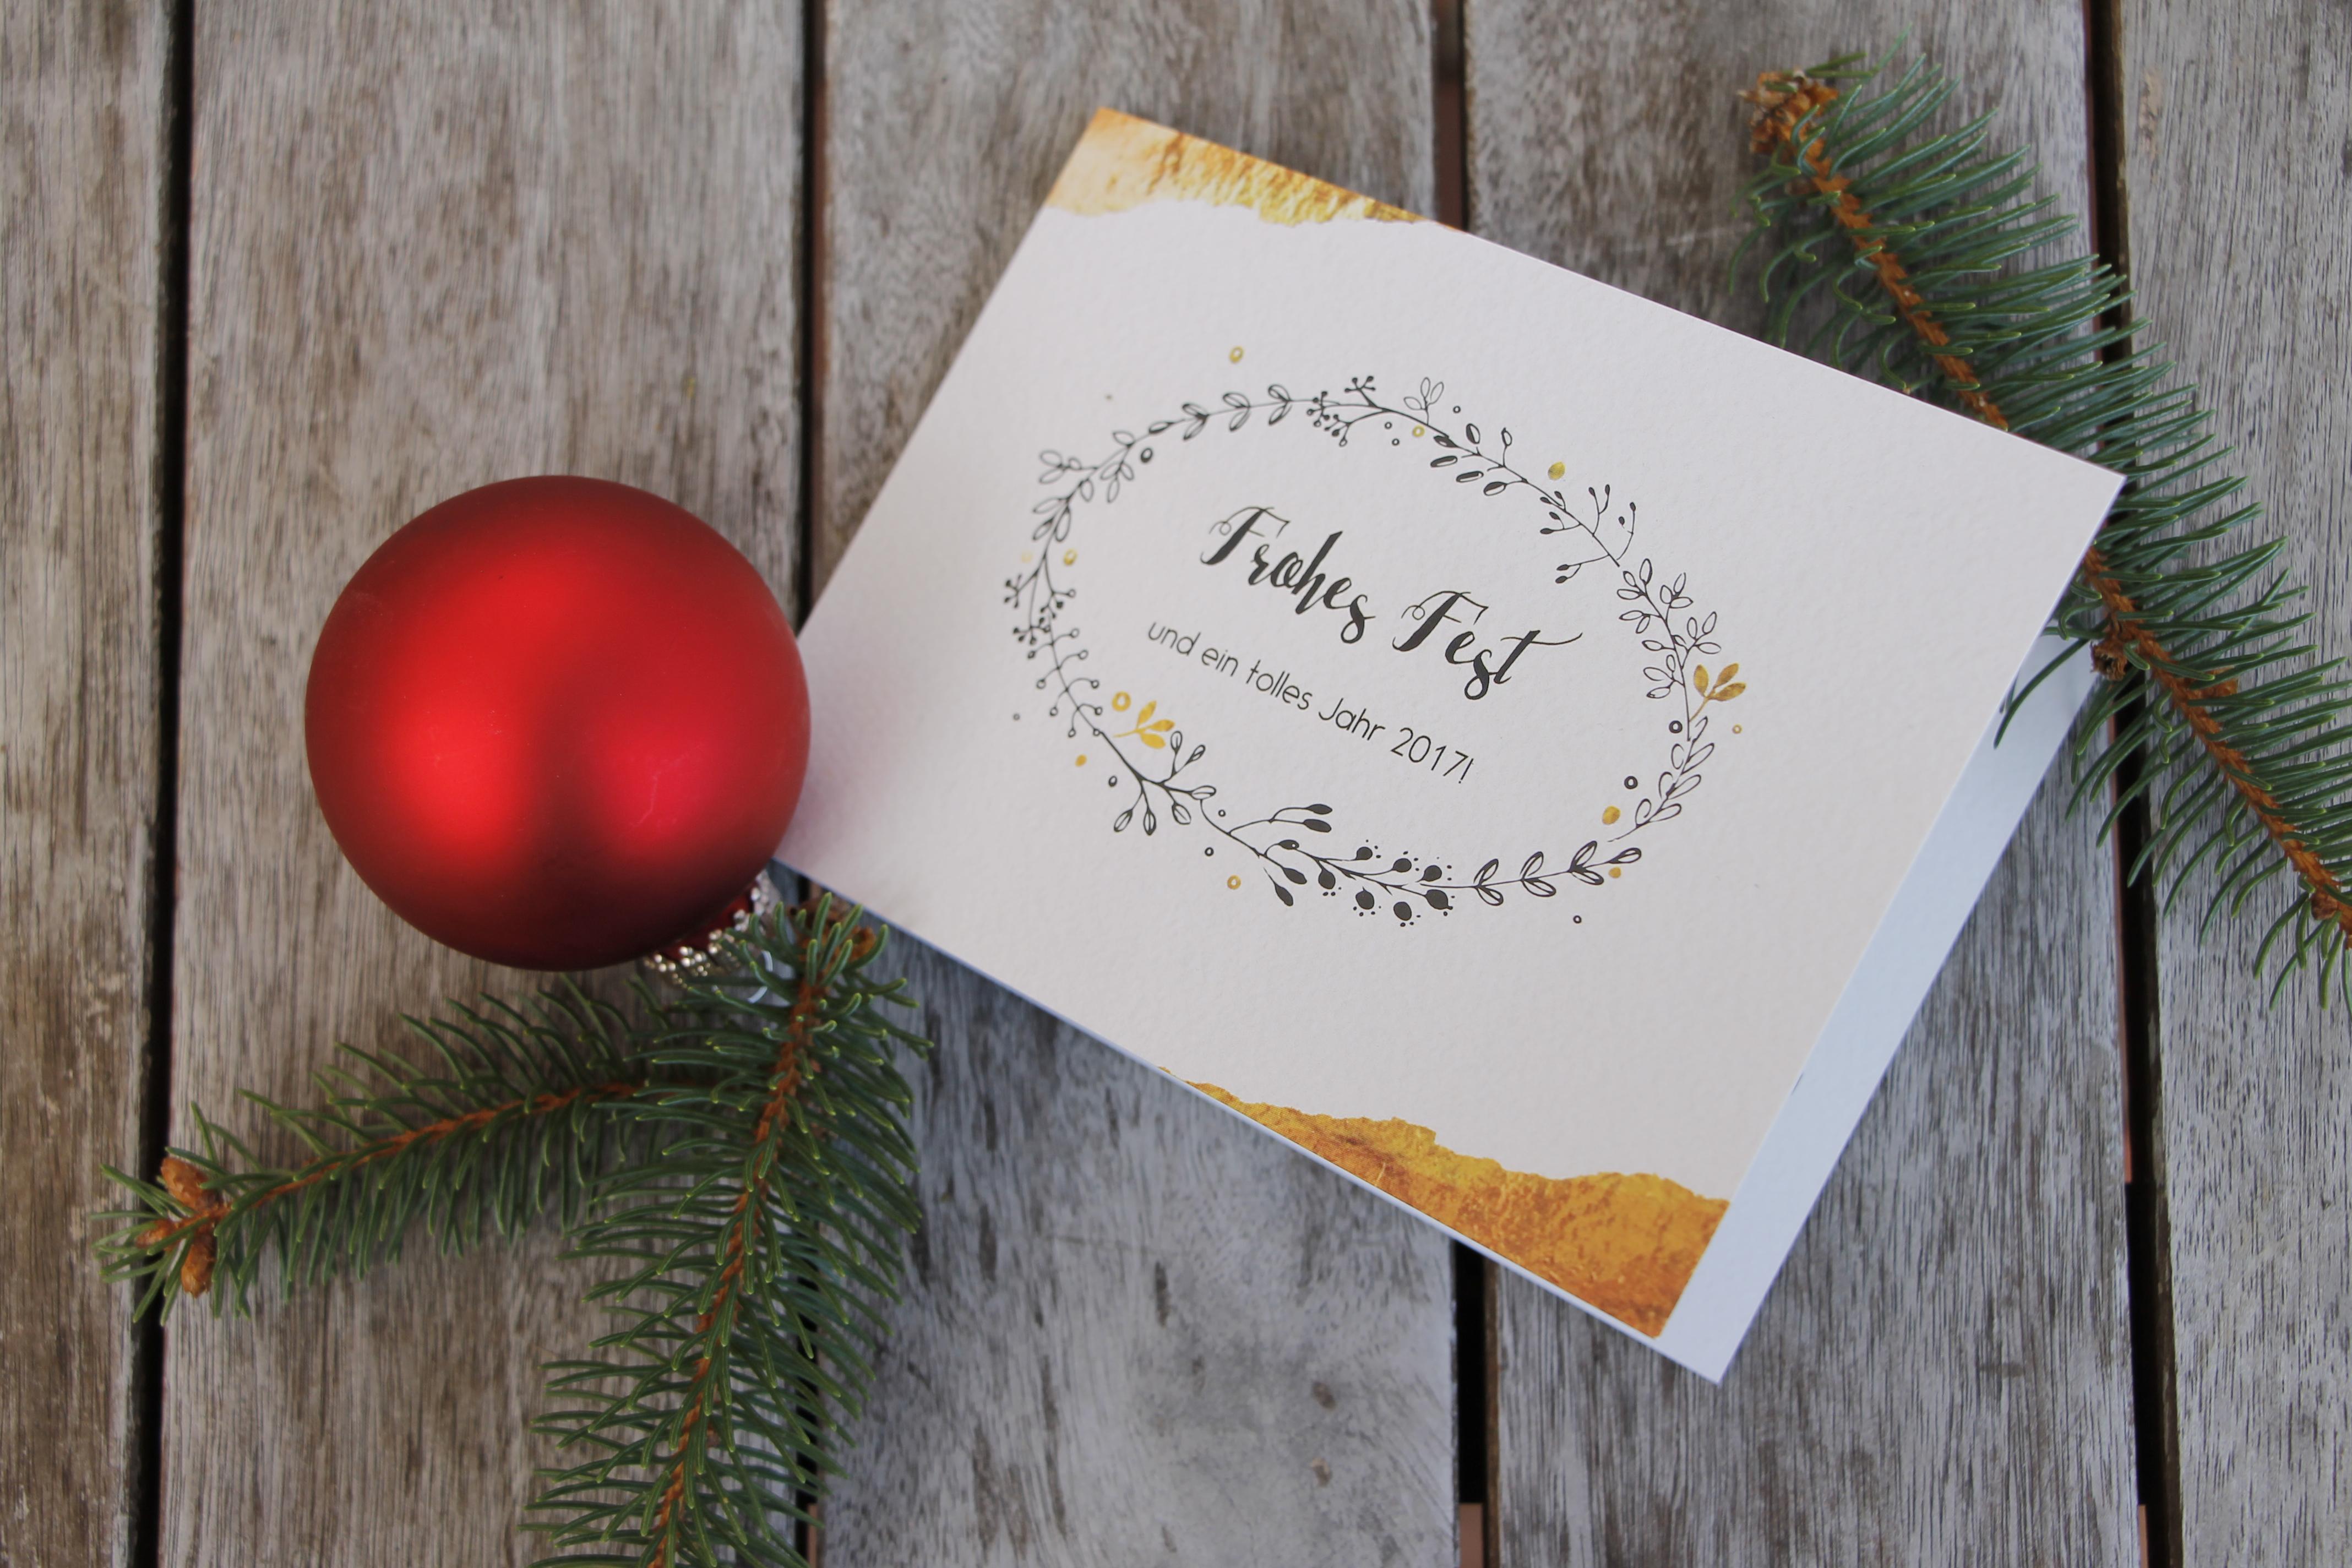 Hochwertige Weihnachtskarten.Weihnachtskarten Und Weihnachtsgeschenkideen Mit Gewinnspiel